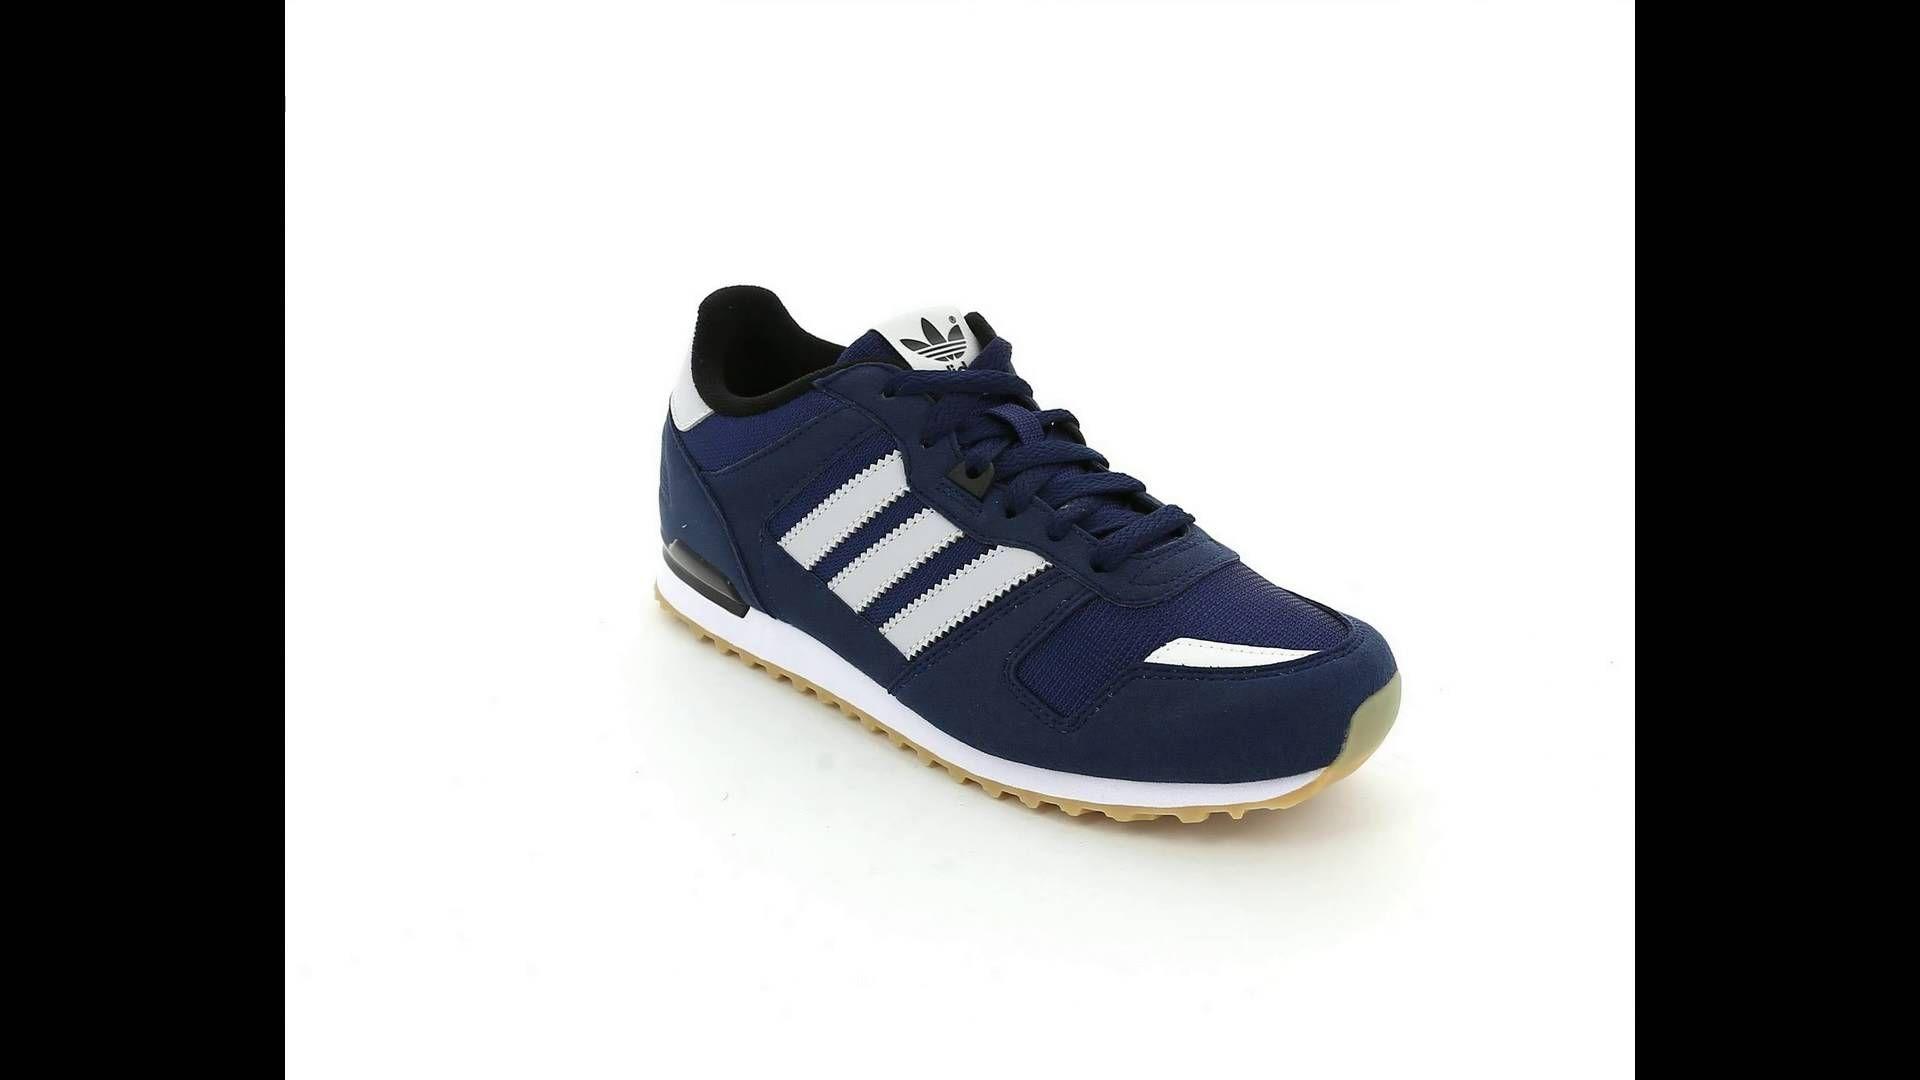 http://www.vipcocuk.com/cocuk-spor-ayakkabi vipcocuk.com'da satılan tüm markalar/ürünler Orjinaldir ve adınıza faturalandırılmaktadır.   vipcocuk.com bir https://youtu.be/6jcq3MPZUgw iştirakidir.